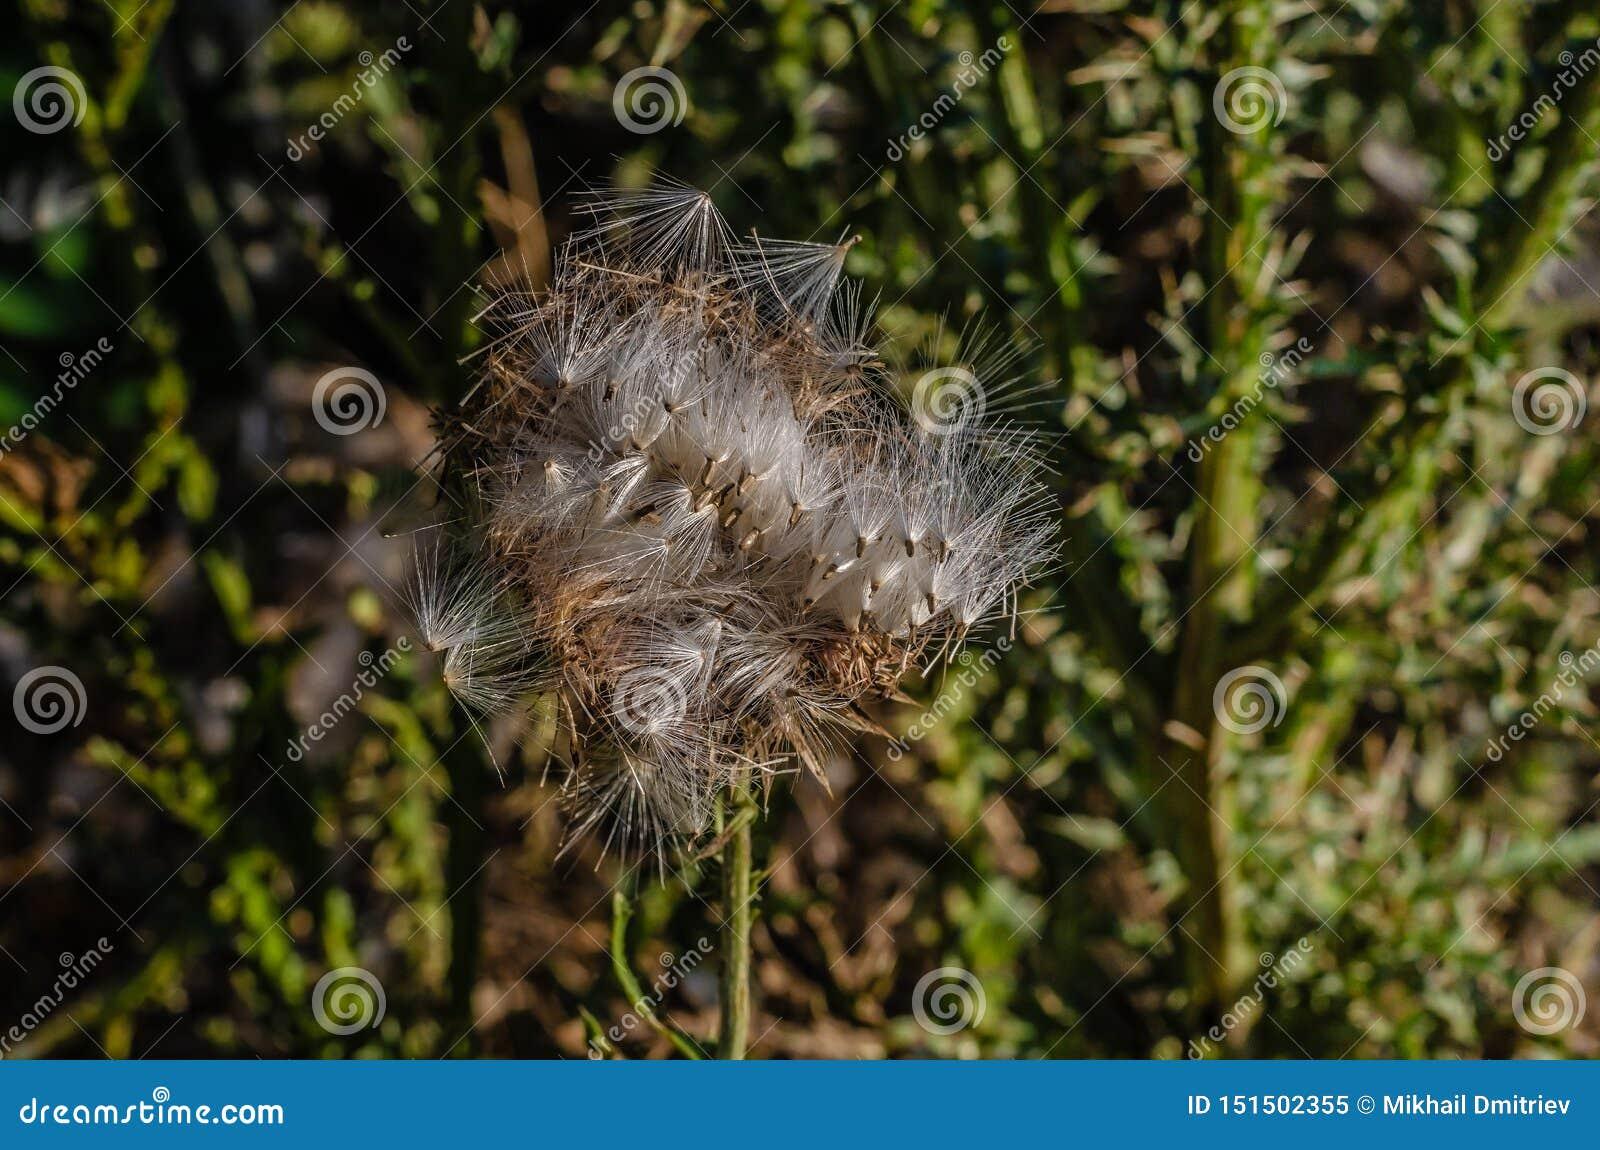 告密者伞直线叶香草将飞行与风暴 明亮的太阳光芒照亮植物的种子 Mac